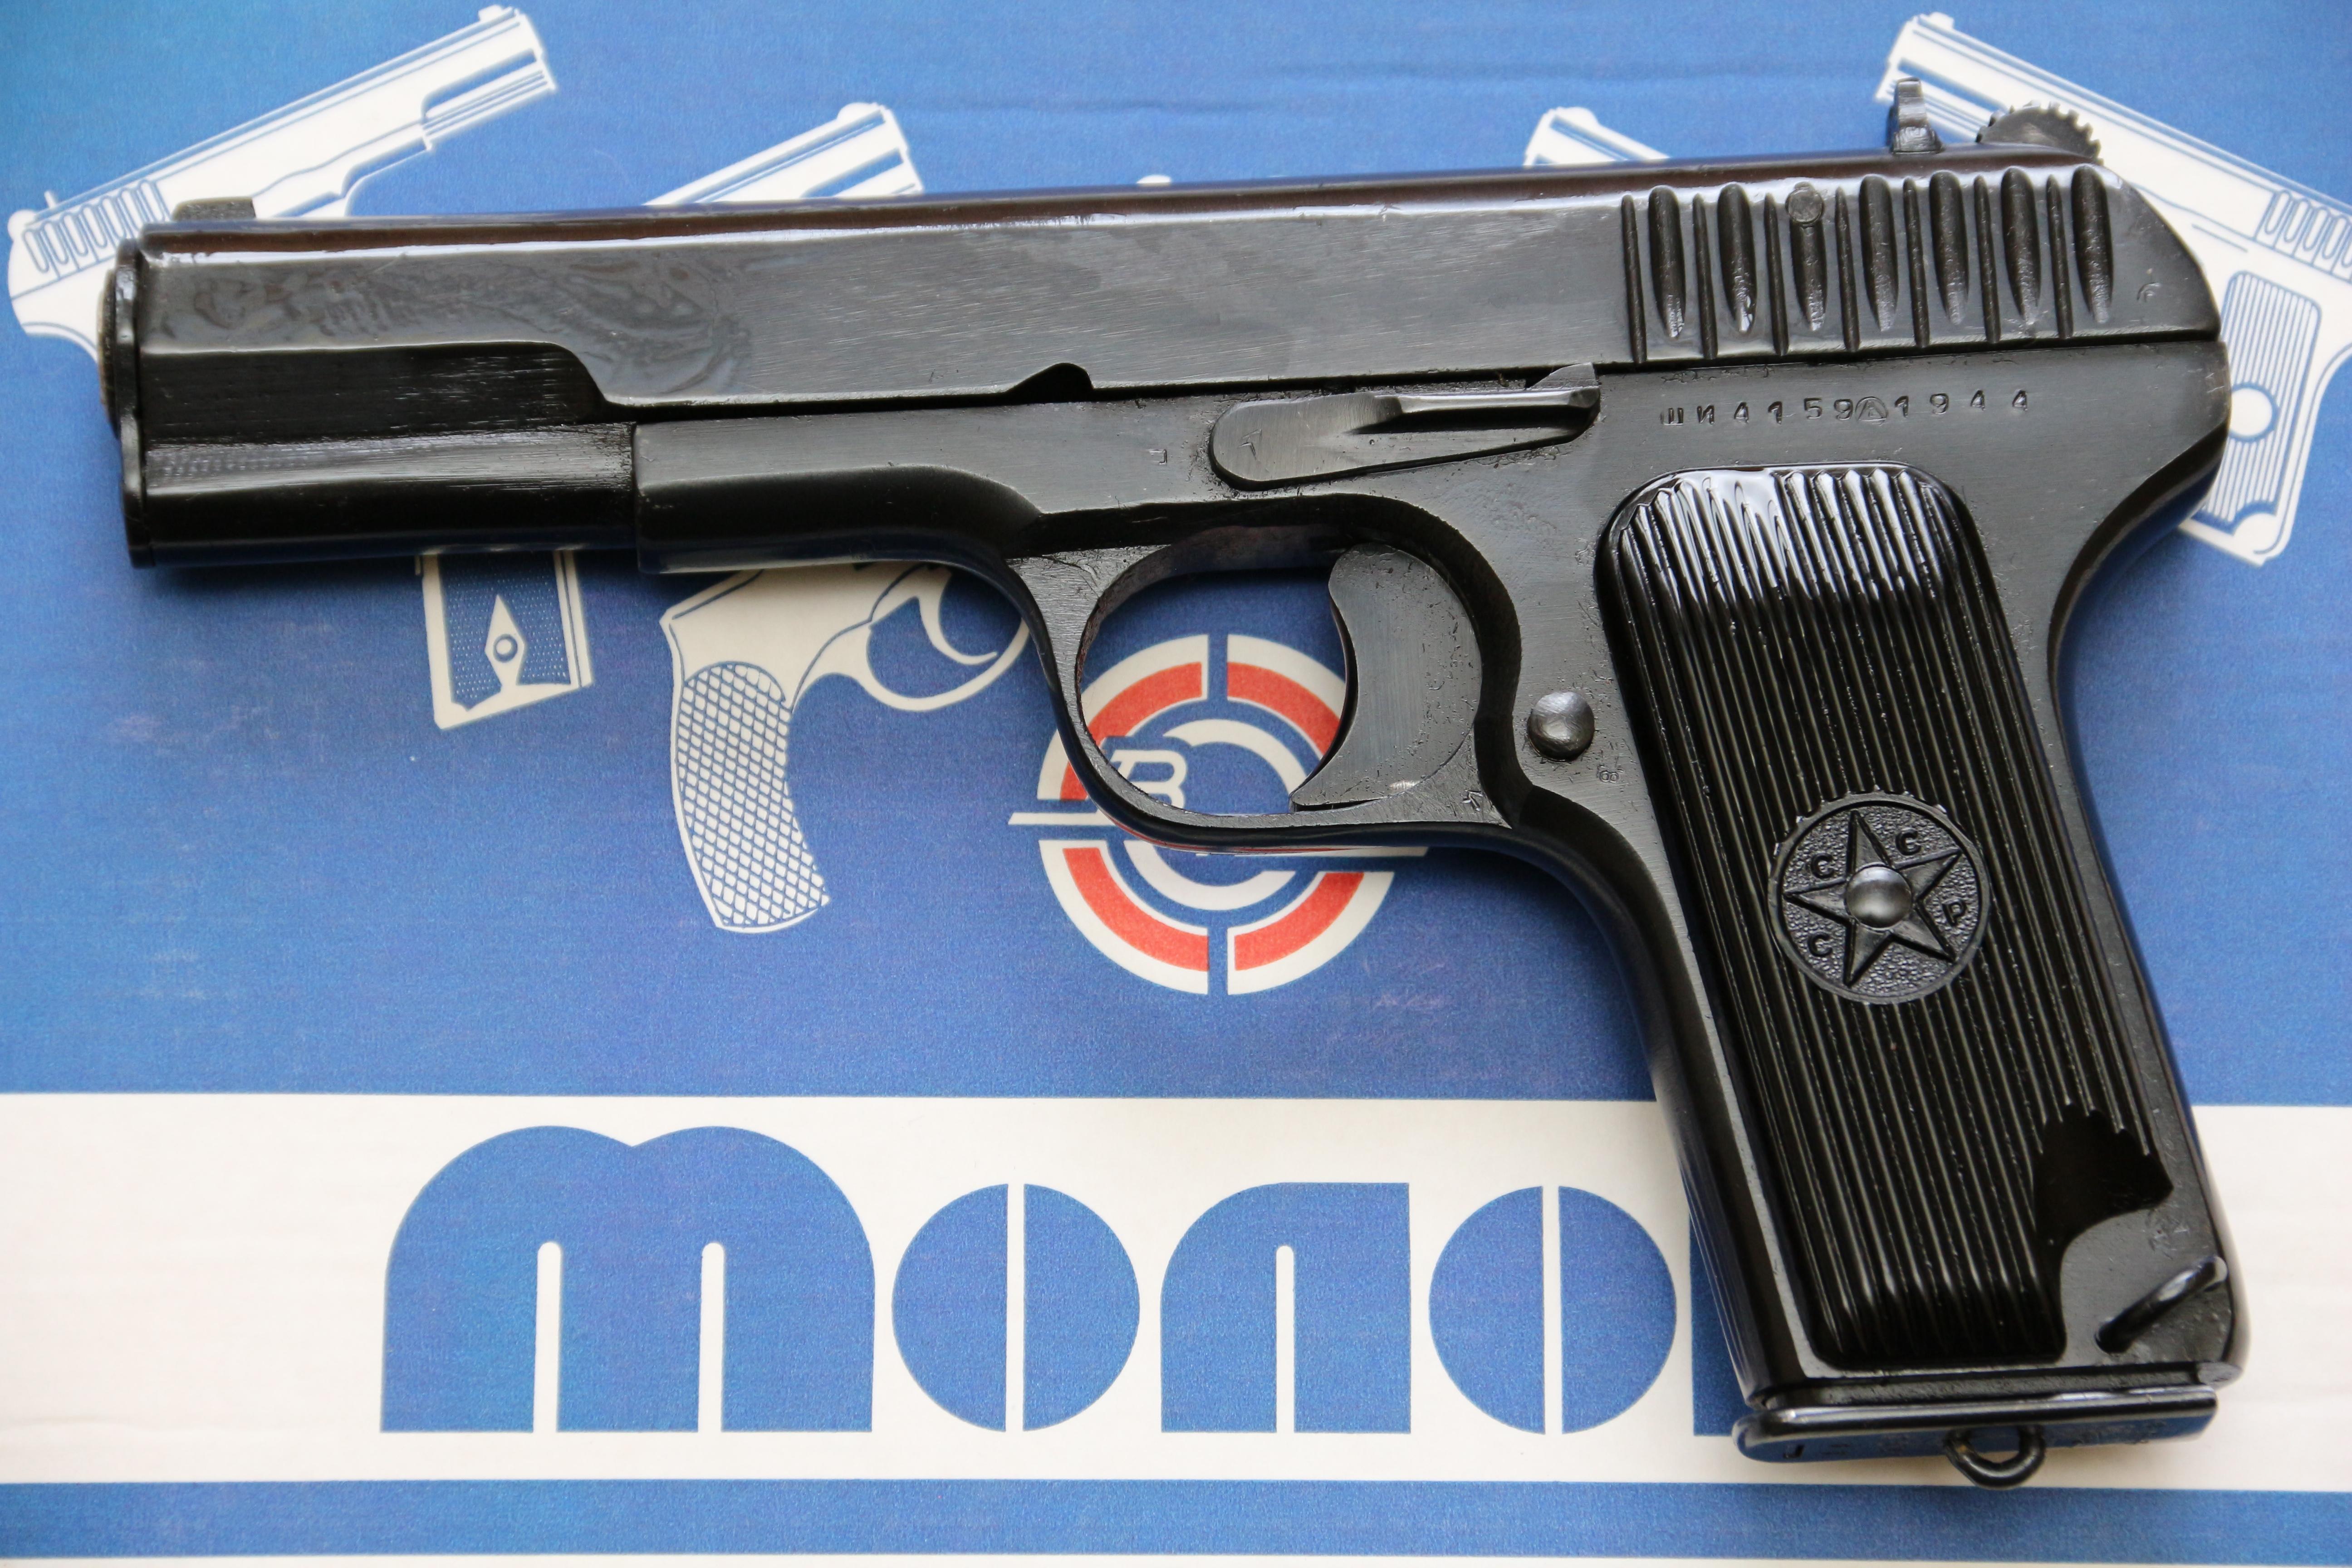 Фото Сигнальный пистолет ТТ-С 1944 года №ШИ 4159